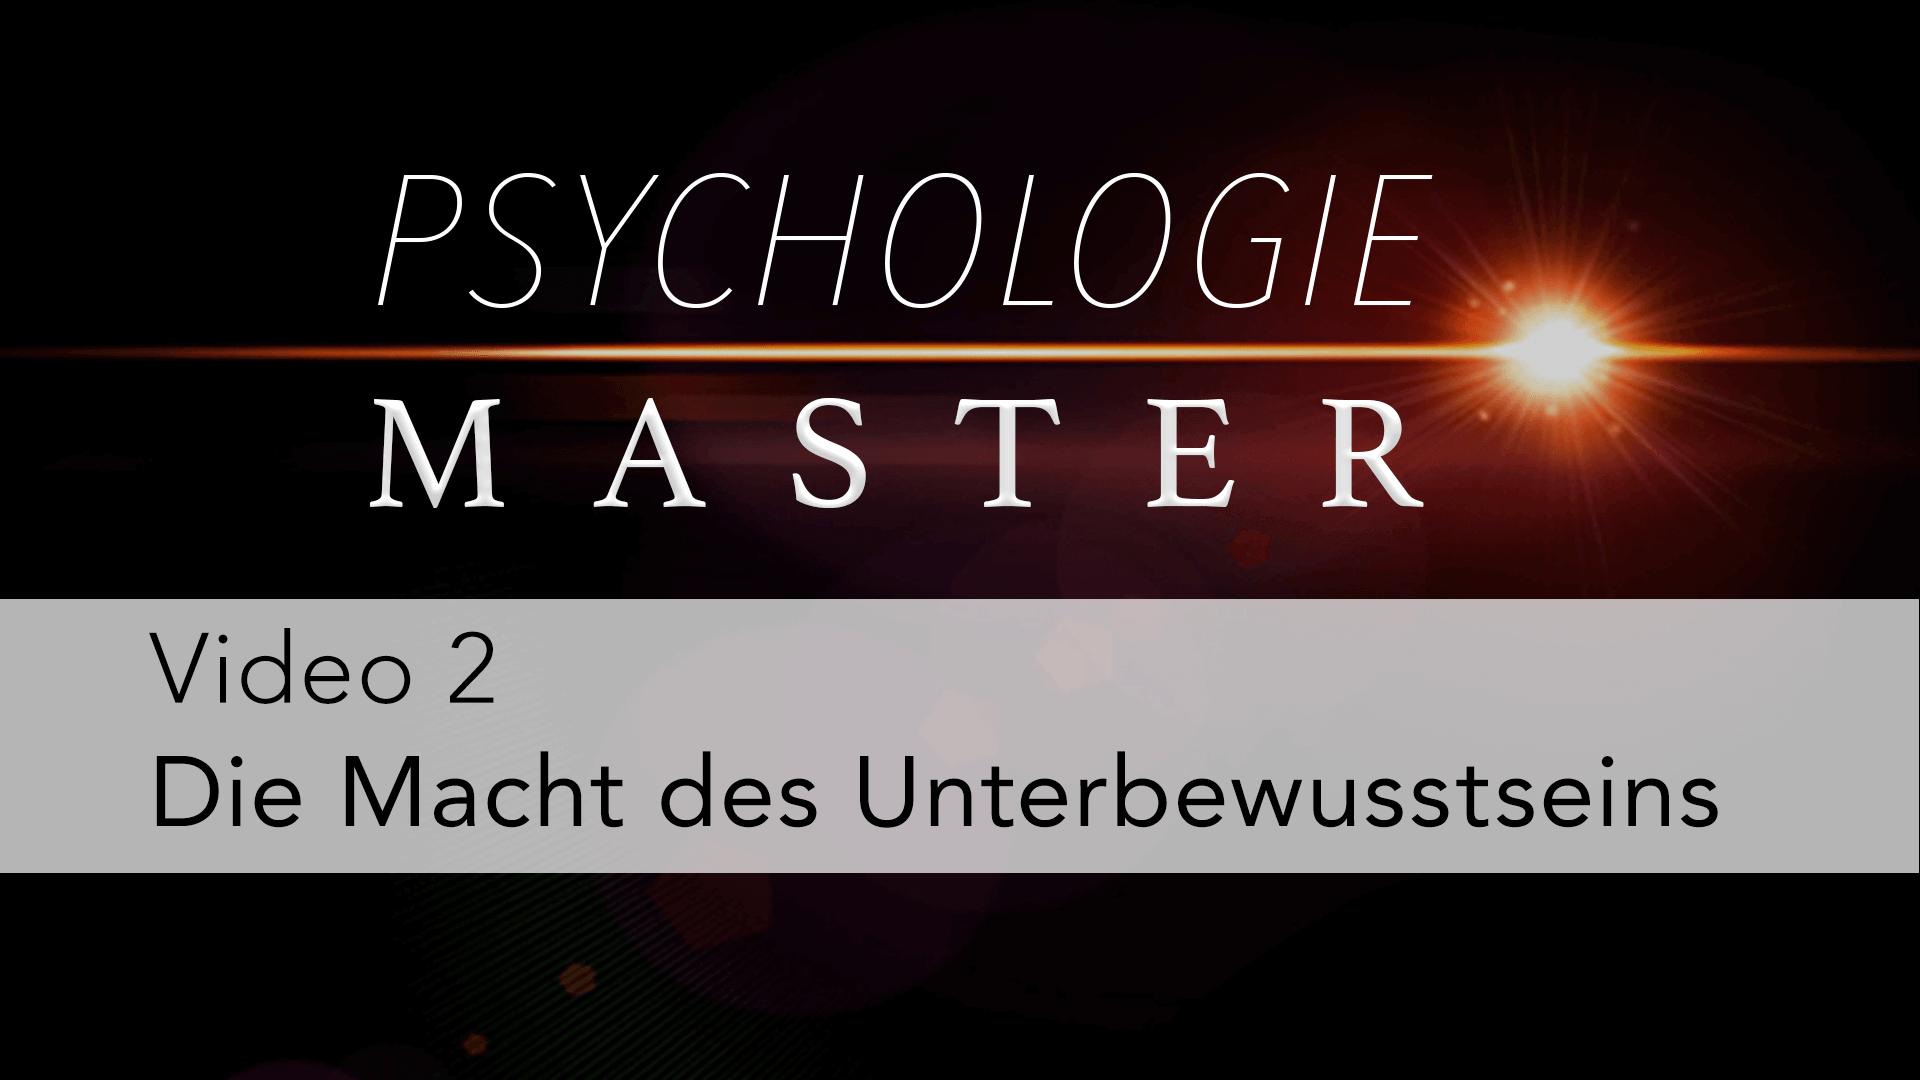 Psychologiemaster von Maxim Mankevich 8